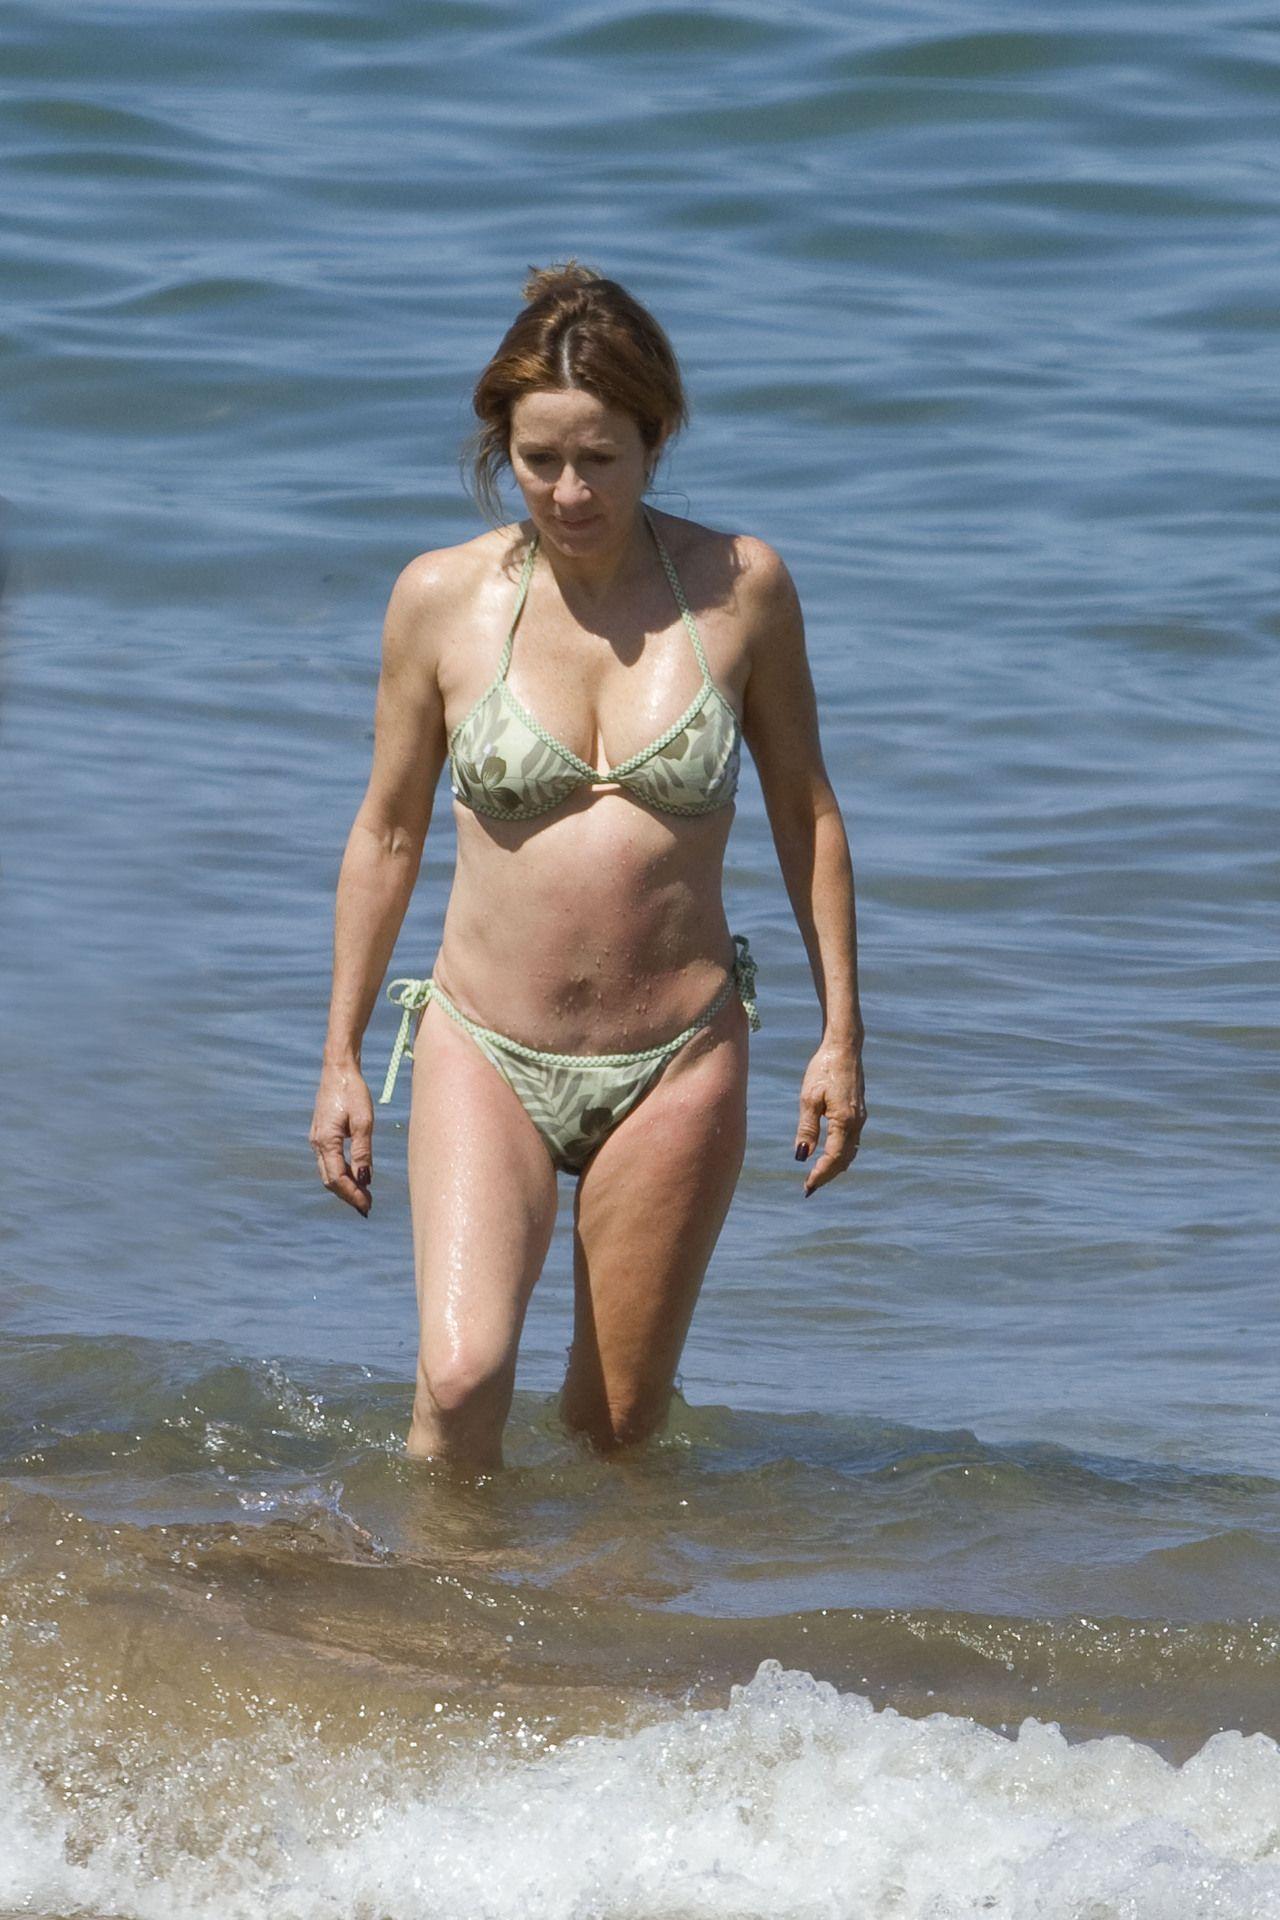 Teen young patricia heaton bikini pics girl bravo hot